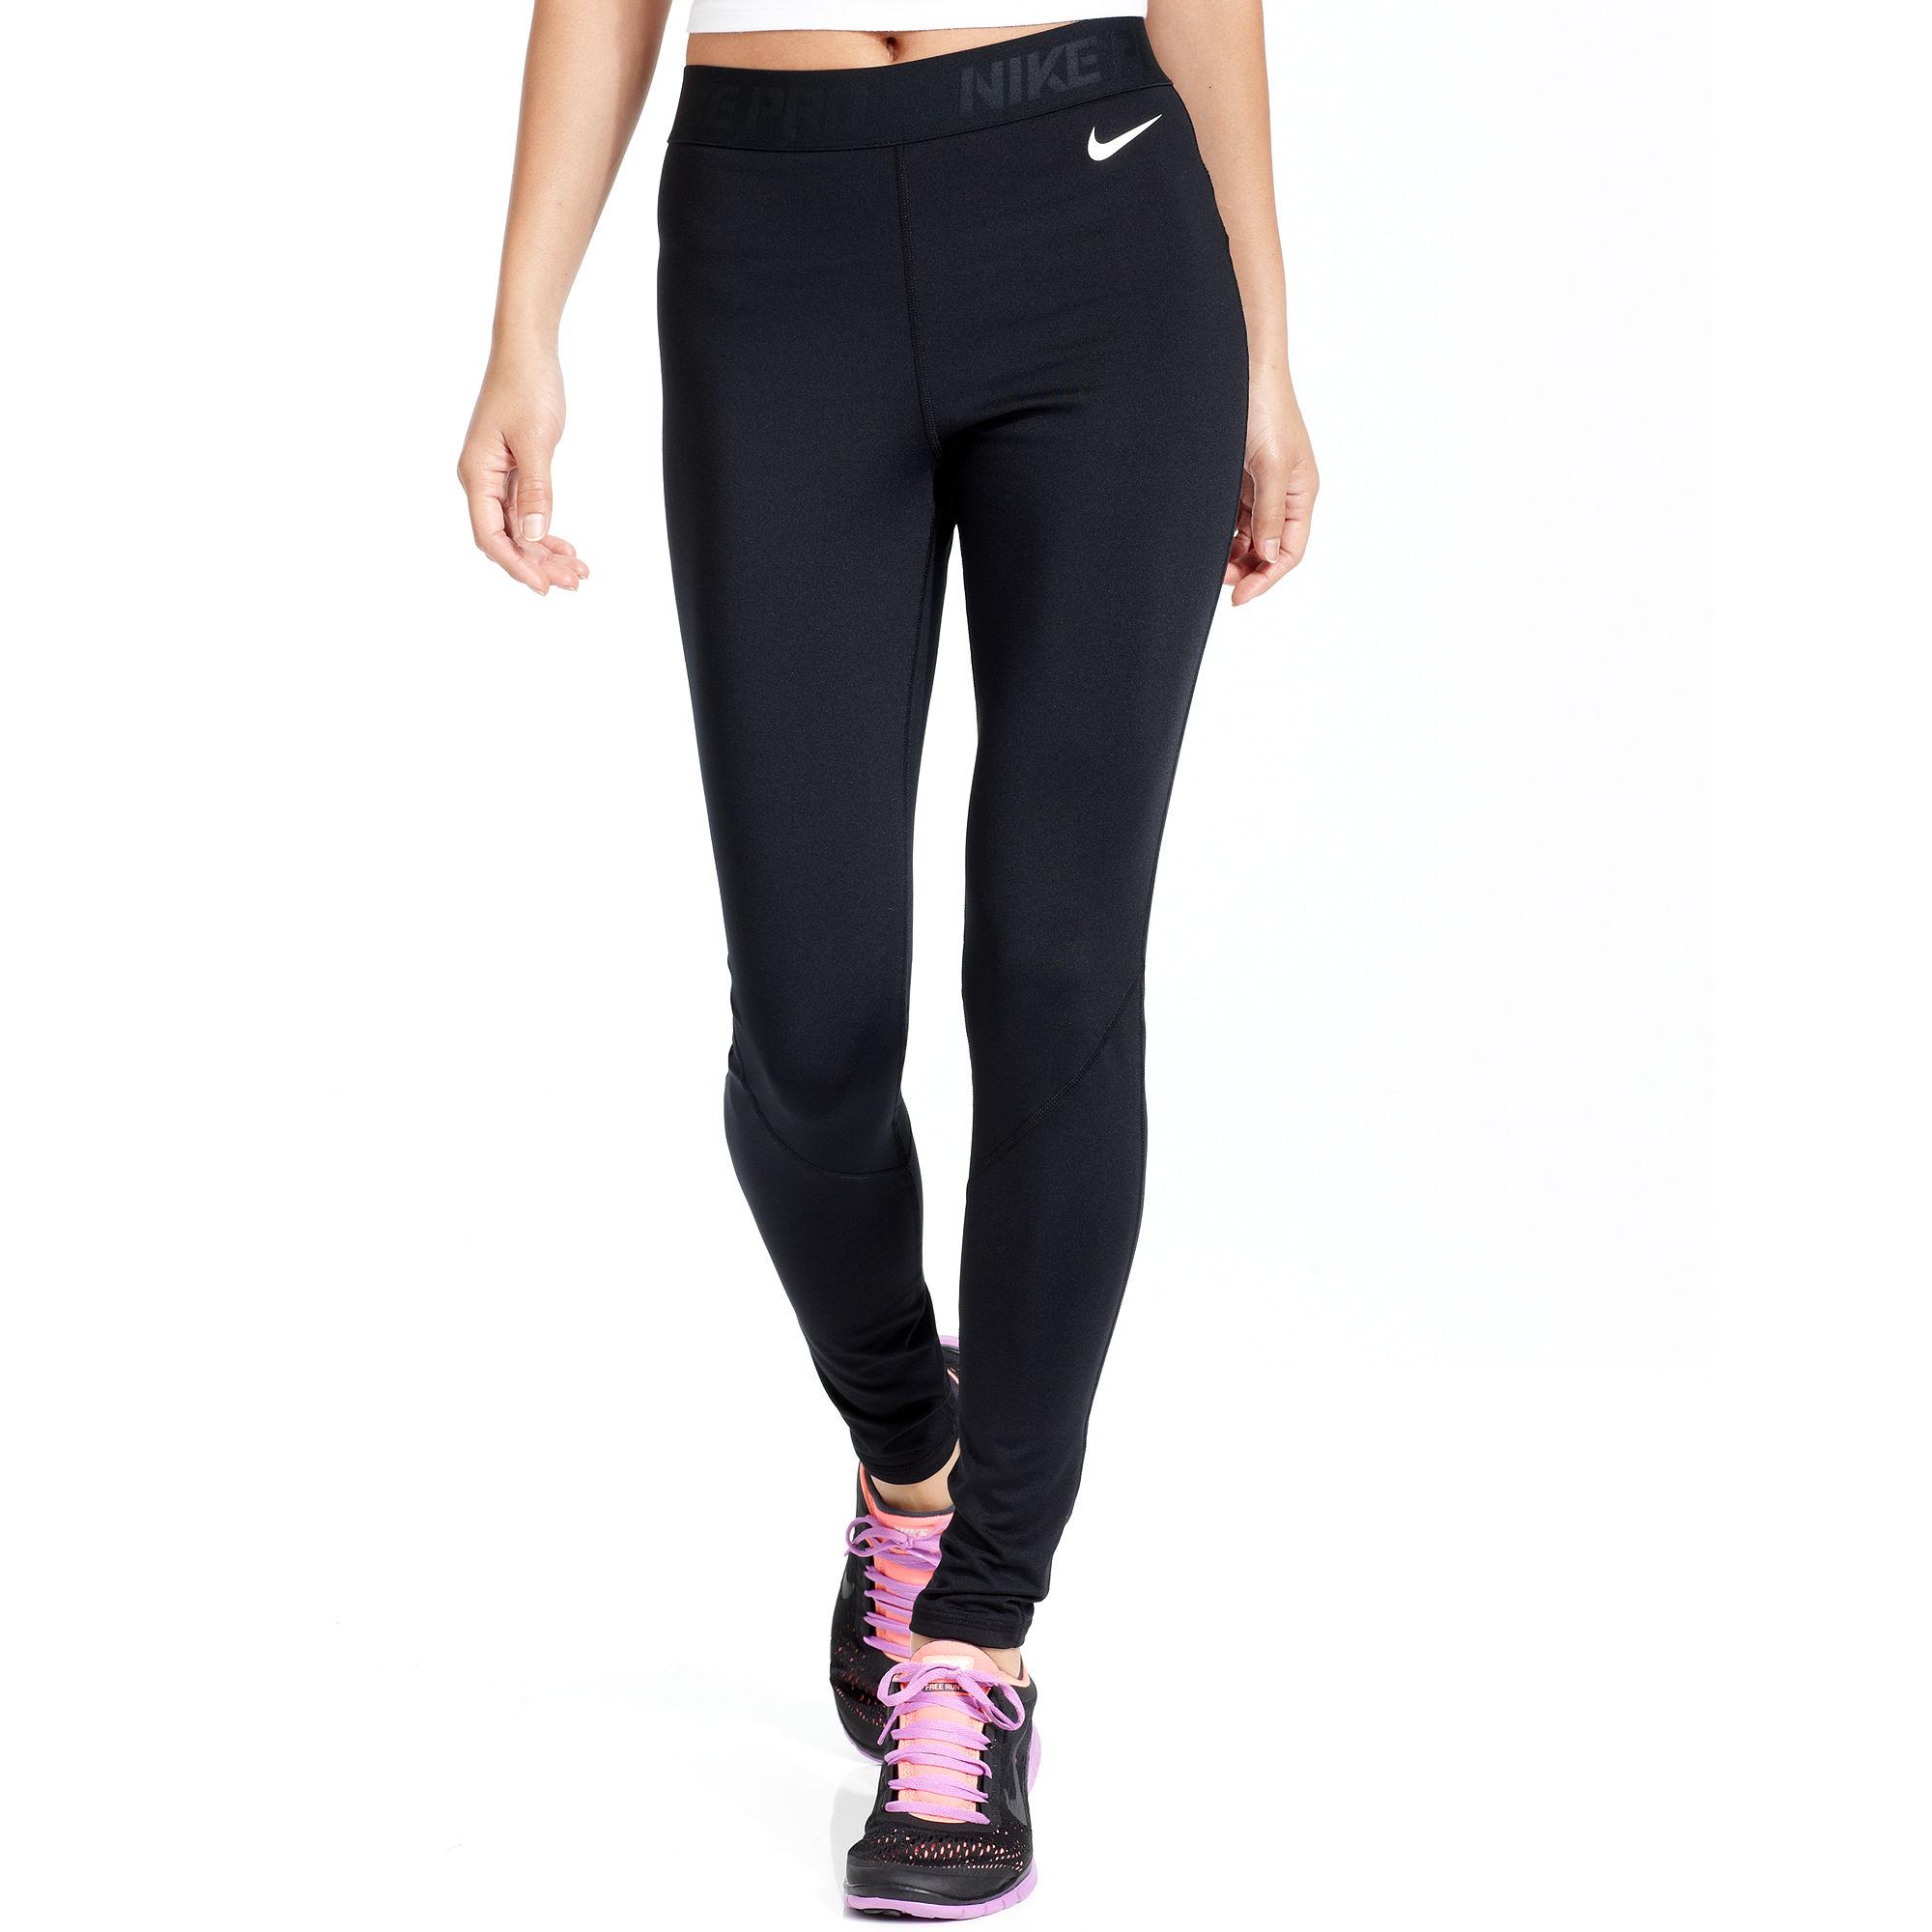 Lyst - Nike Prohyperwarm Drifit Running Leggings in Black b8a2b7ac7